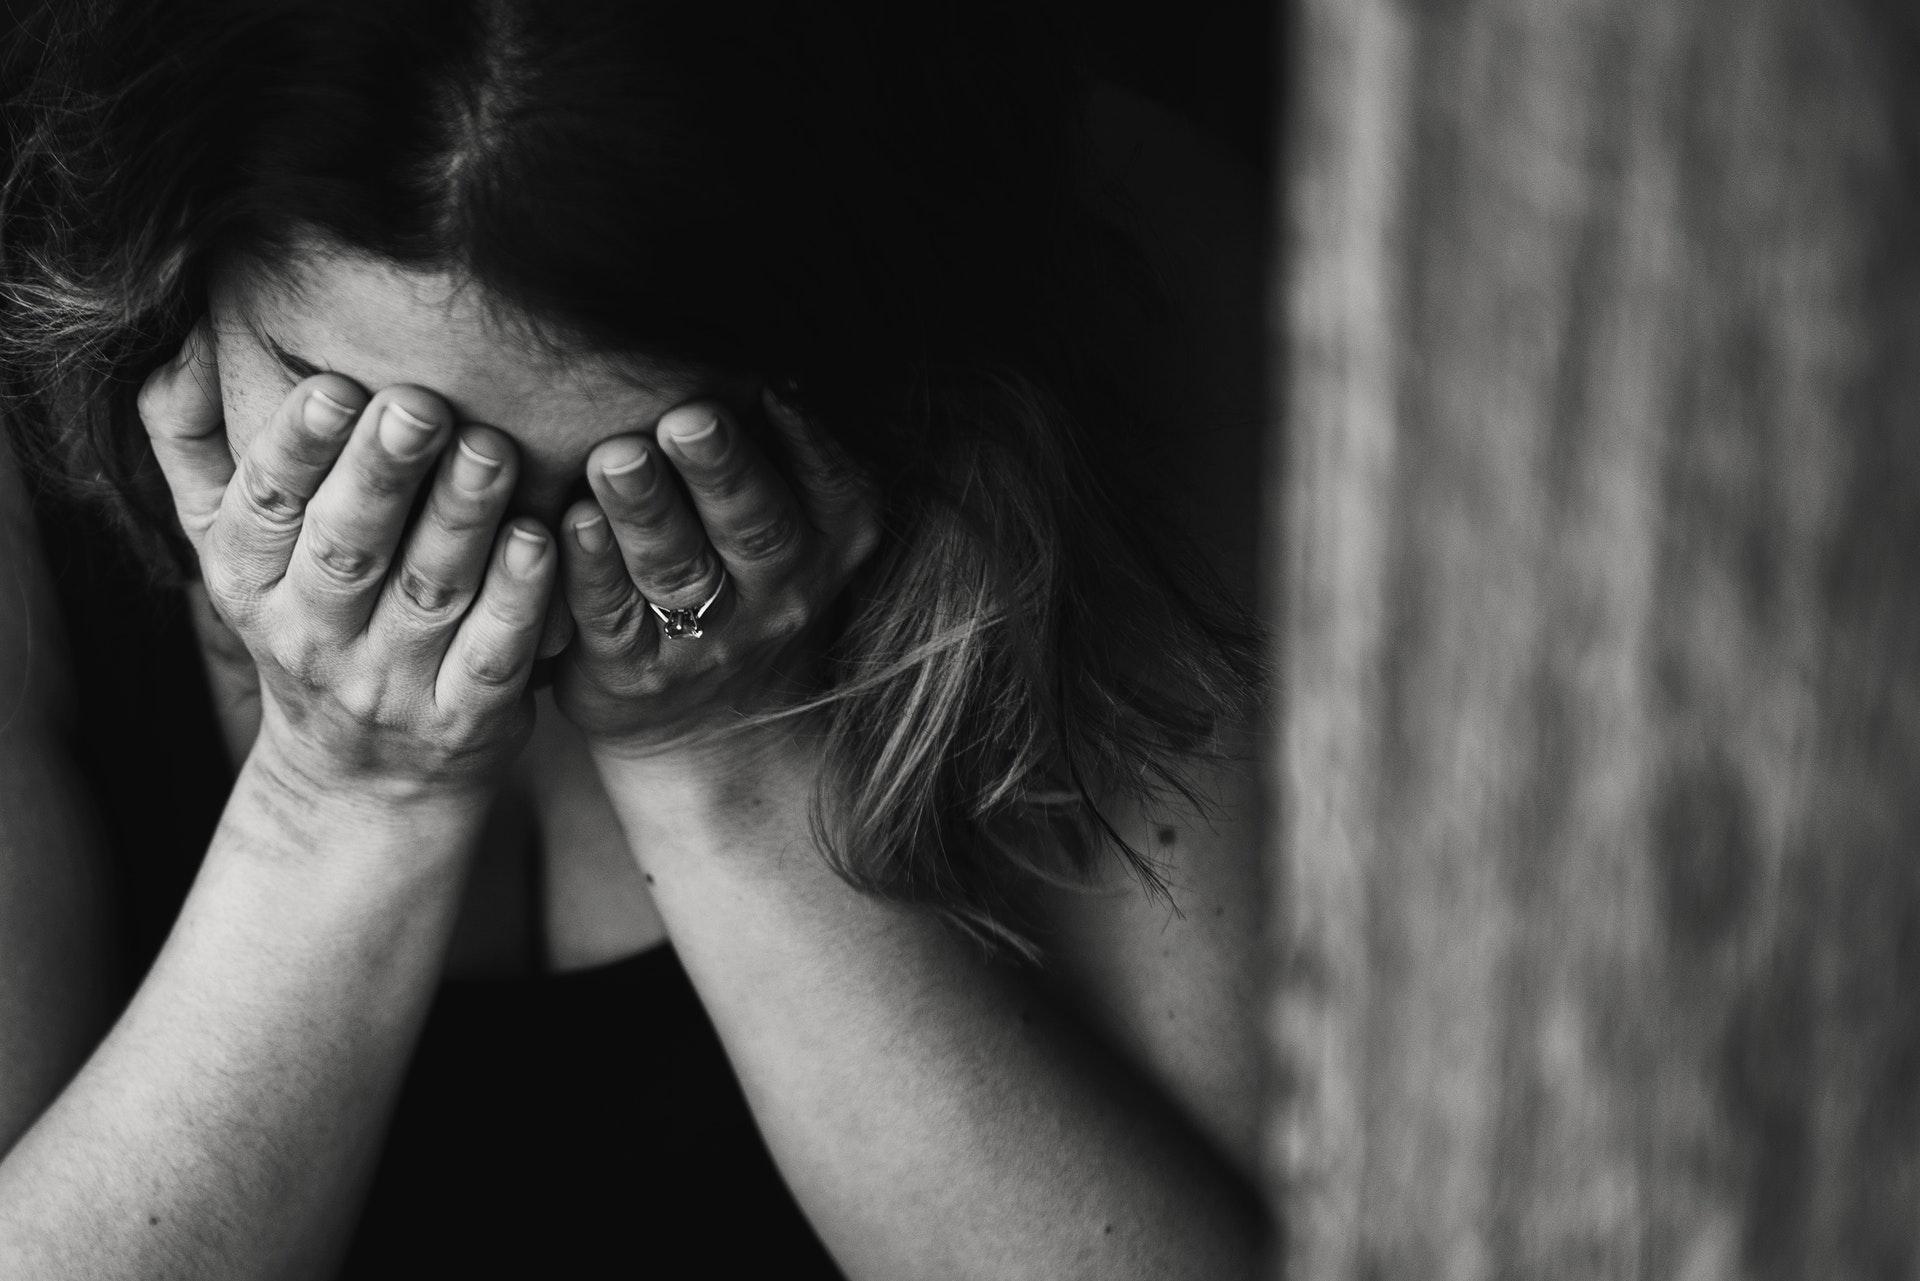 Como perdonar a alguien que te ha hecho daño?